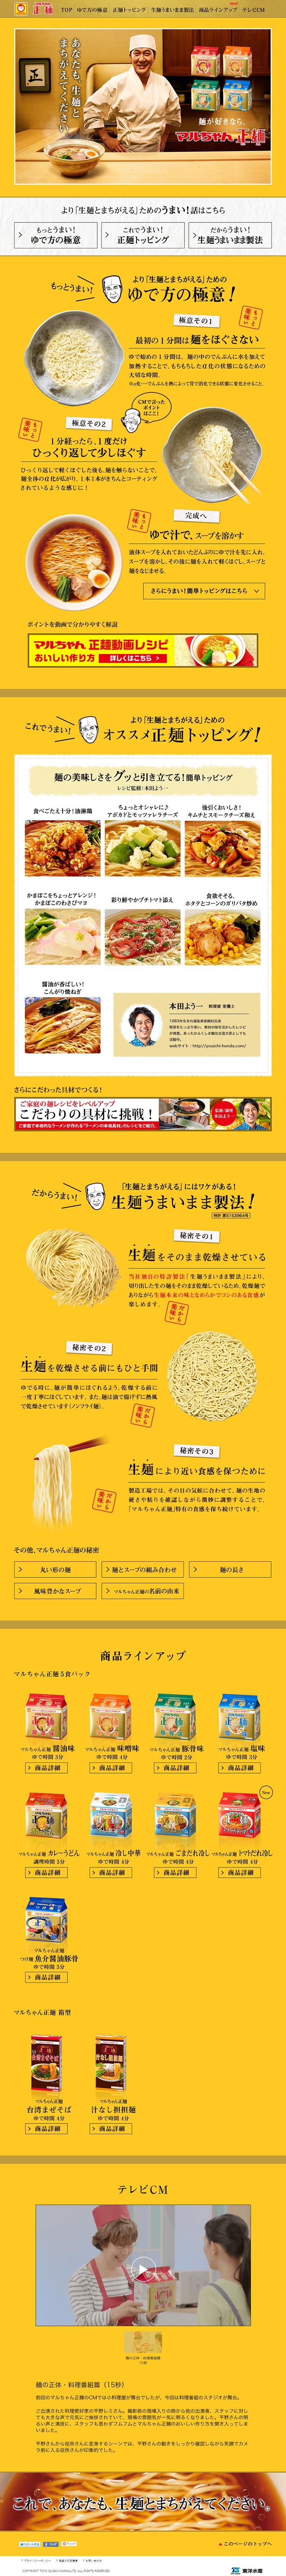 マルちゃん製麺|WEBデザイナーさん必見!ランディングページのデザイン参考に(にぎやか系)